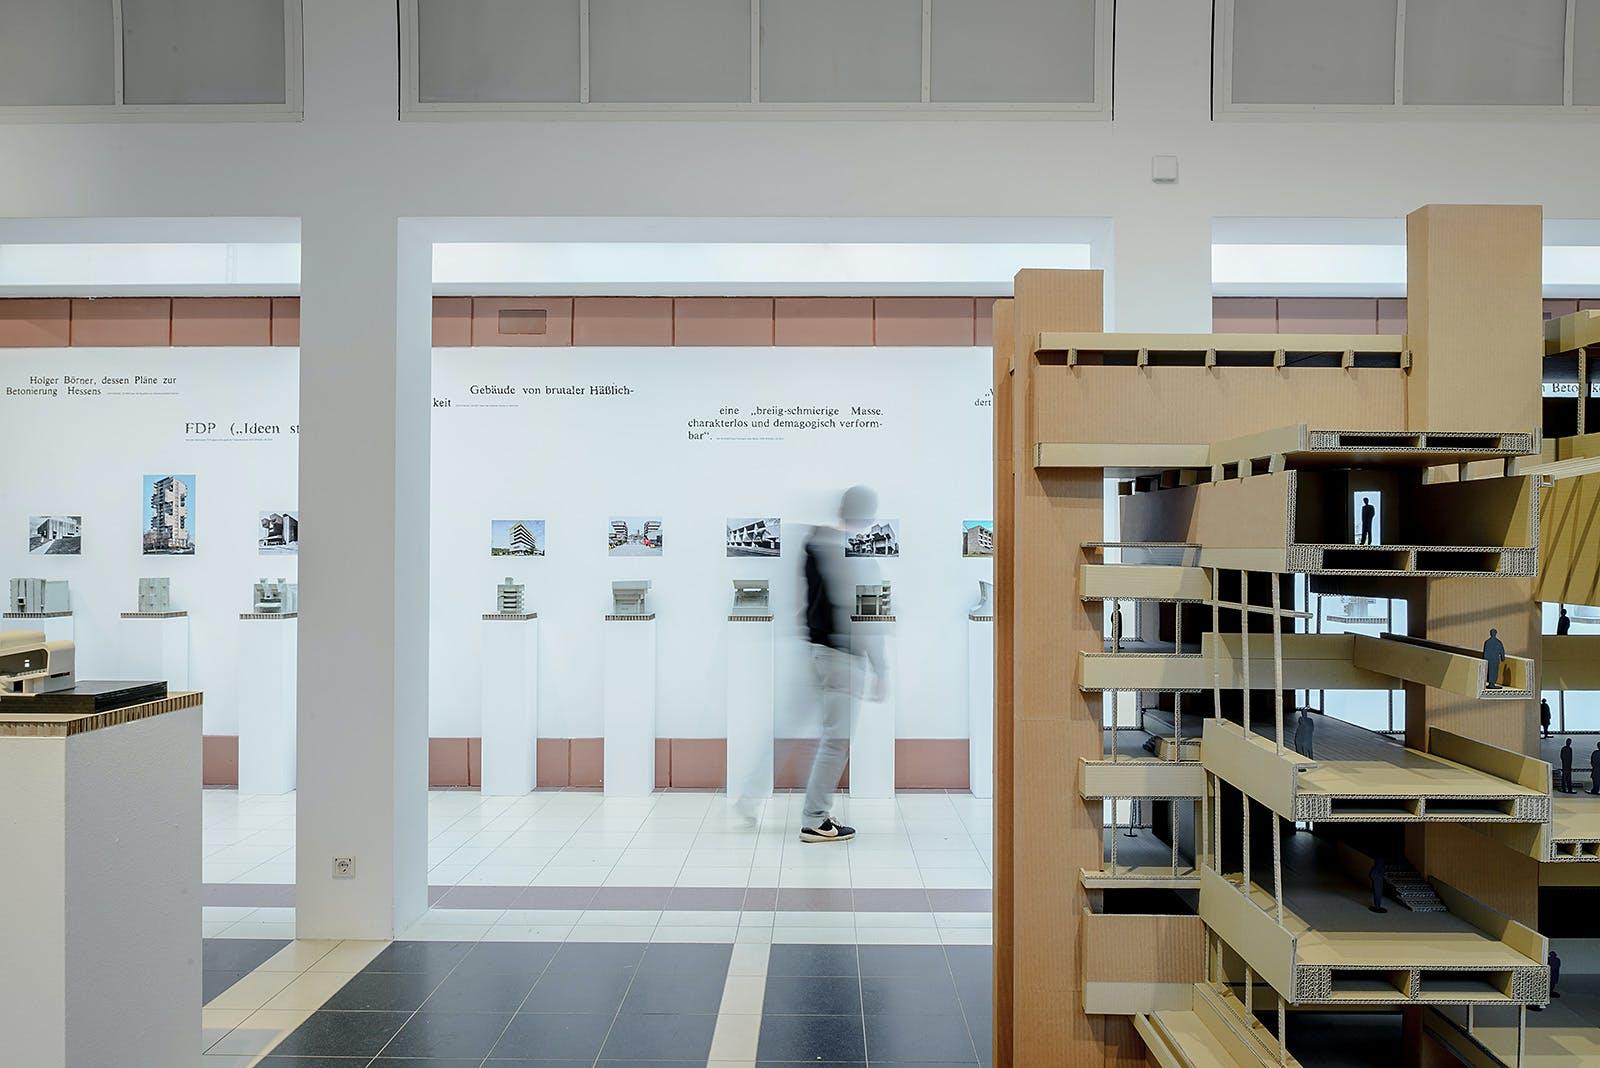 Wunderbar Gebäude Eine Bar Ideen Fotos - Images for inspirierende ...